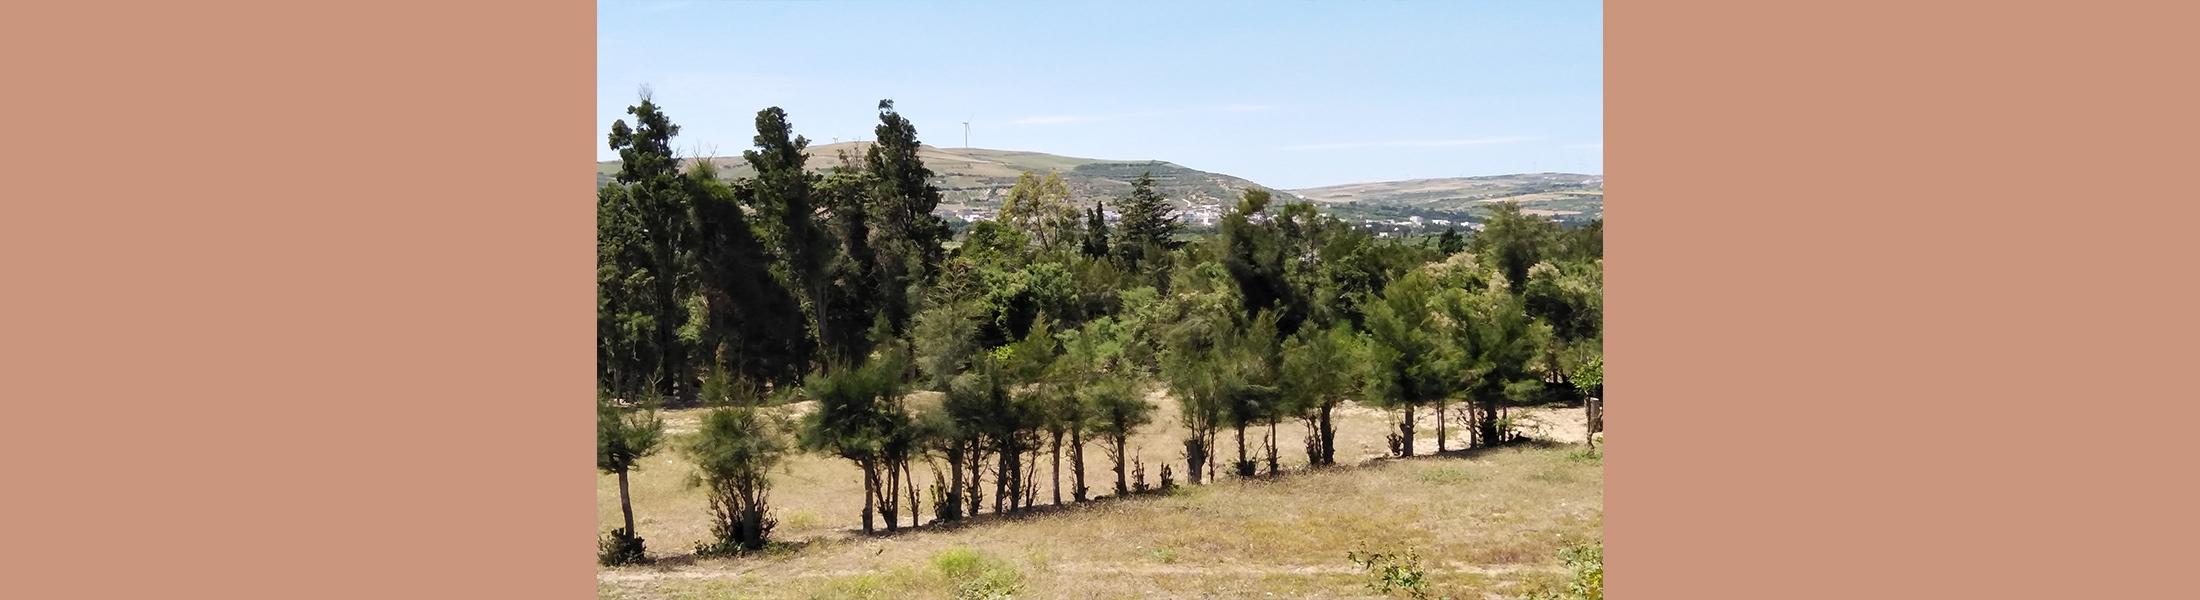 قطعة الارض راس الجبل 1 - بنزرت (طلب العروض عدد 08 لسنة 2020)